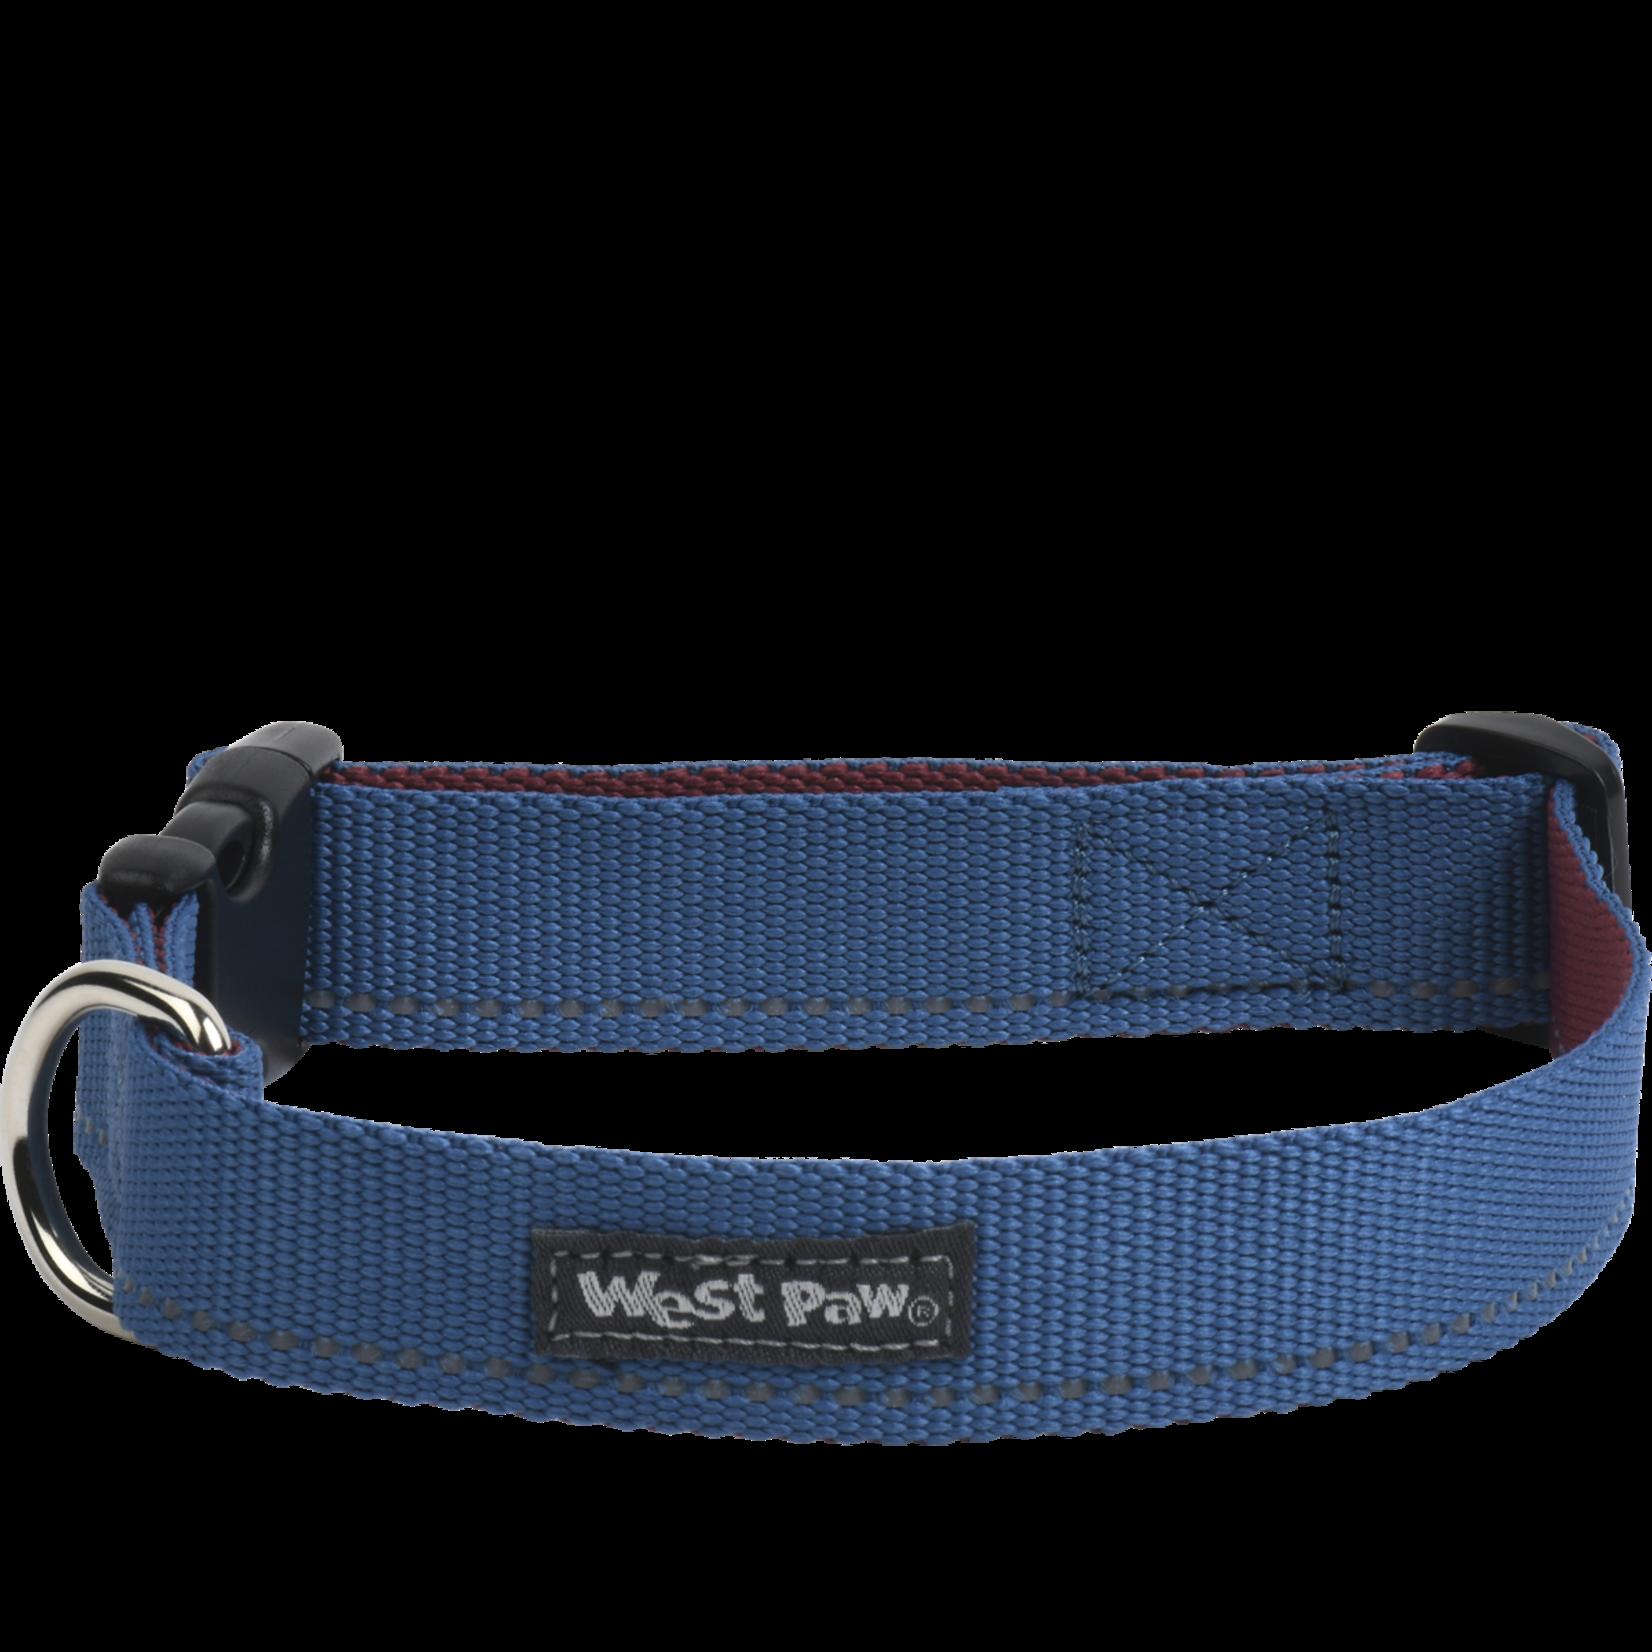 West Paw Strolls Collar - Medium - Fall